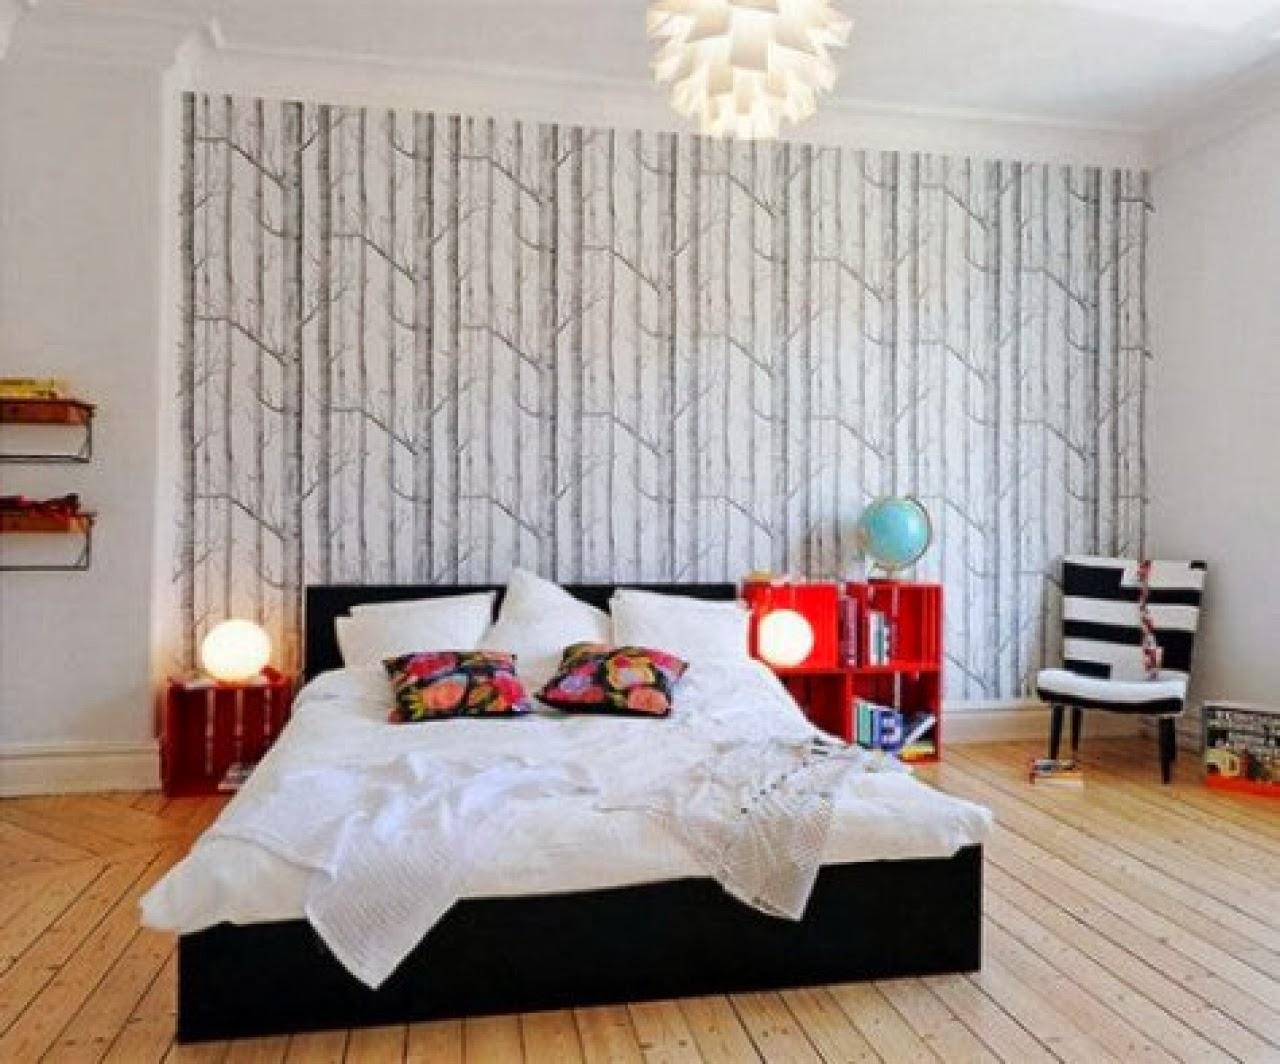 Wallpaper for bedrooms - beautiful desktop wallpapers 2014